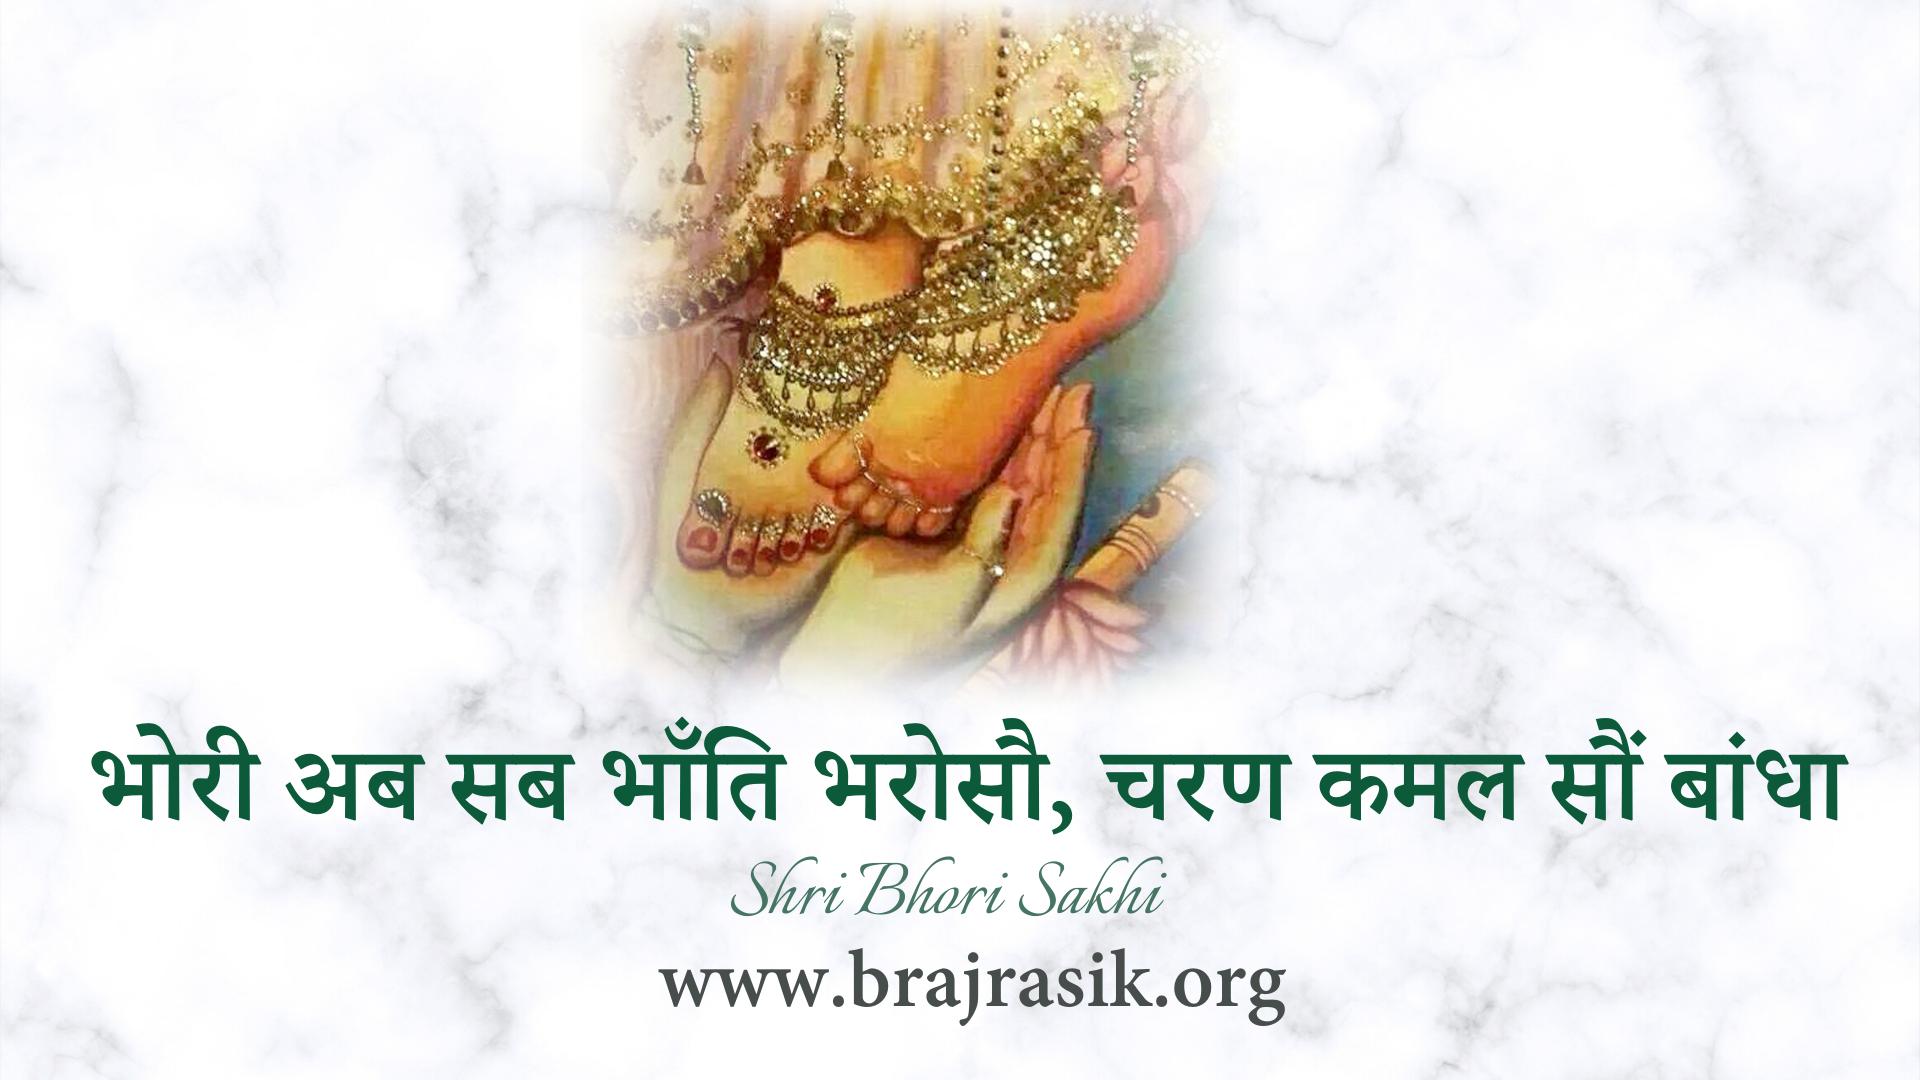 Bhori Ab Sab Bhaanti Bharosau